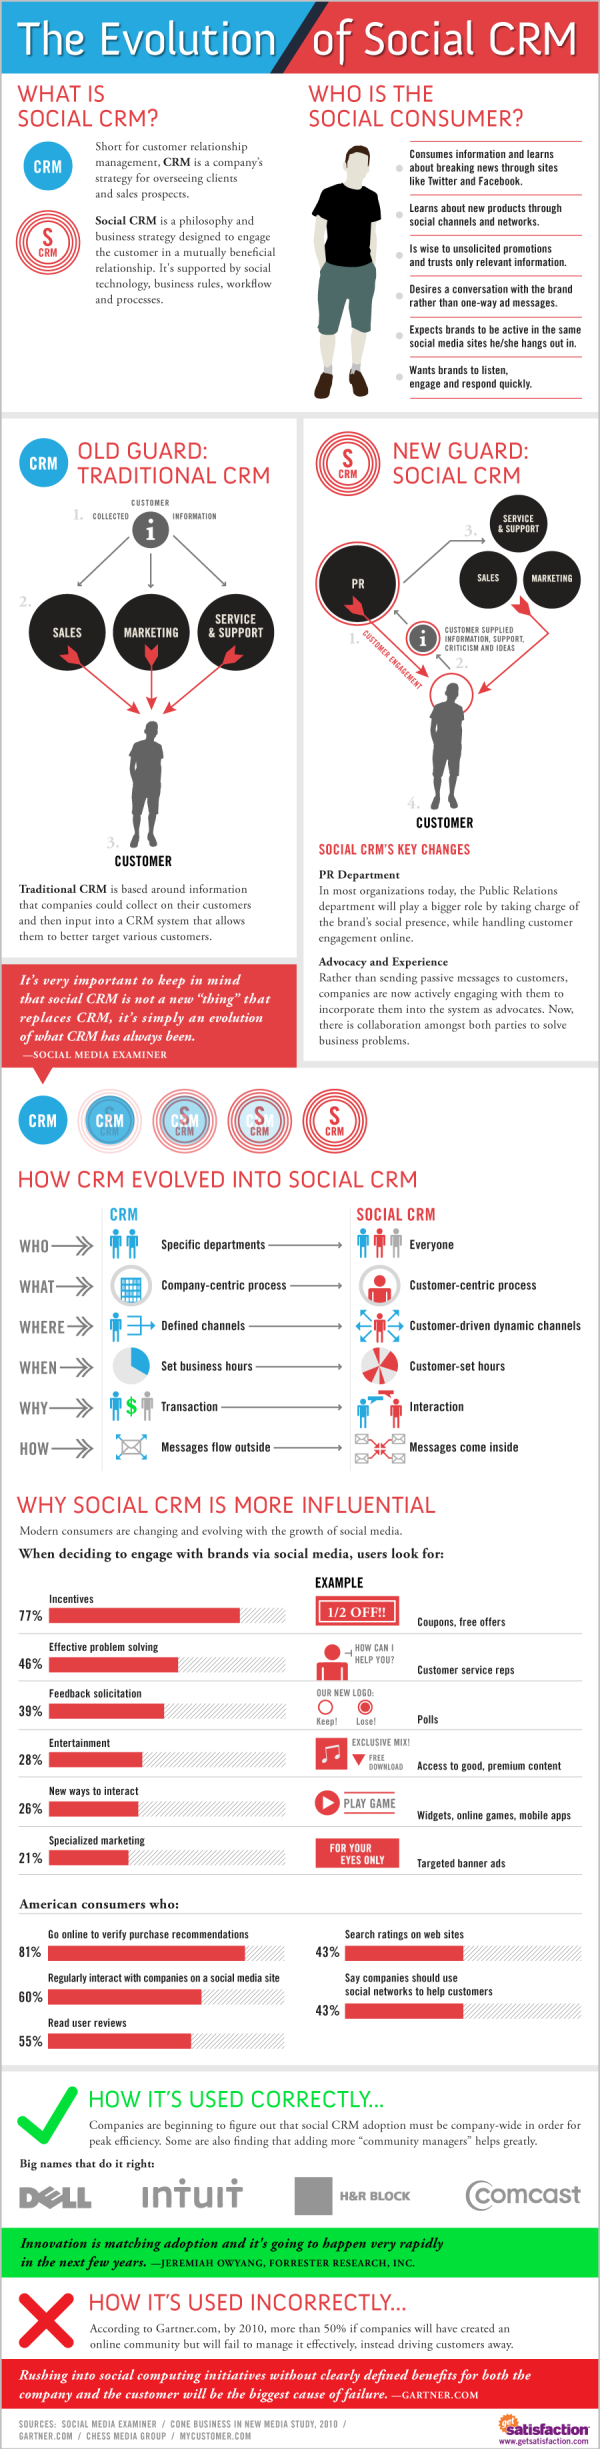 social crm evolution resized 600